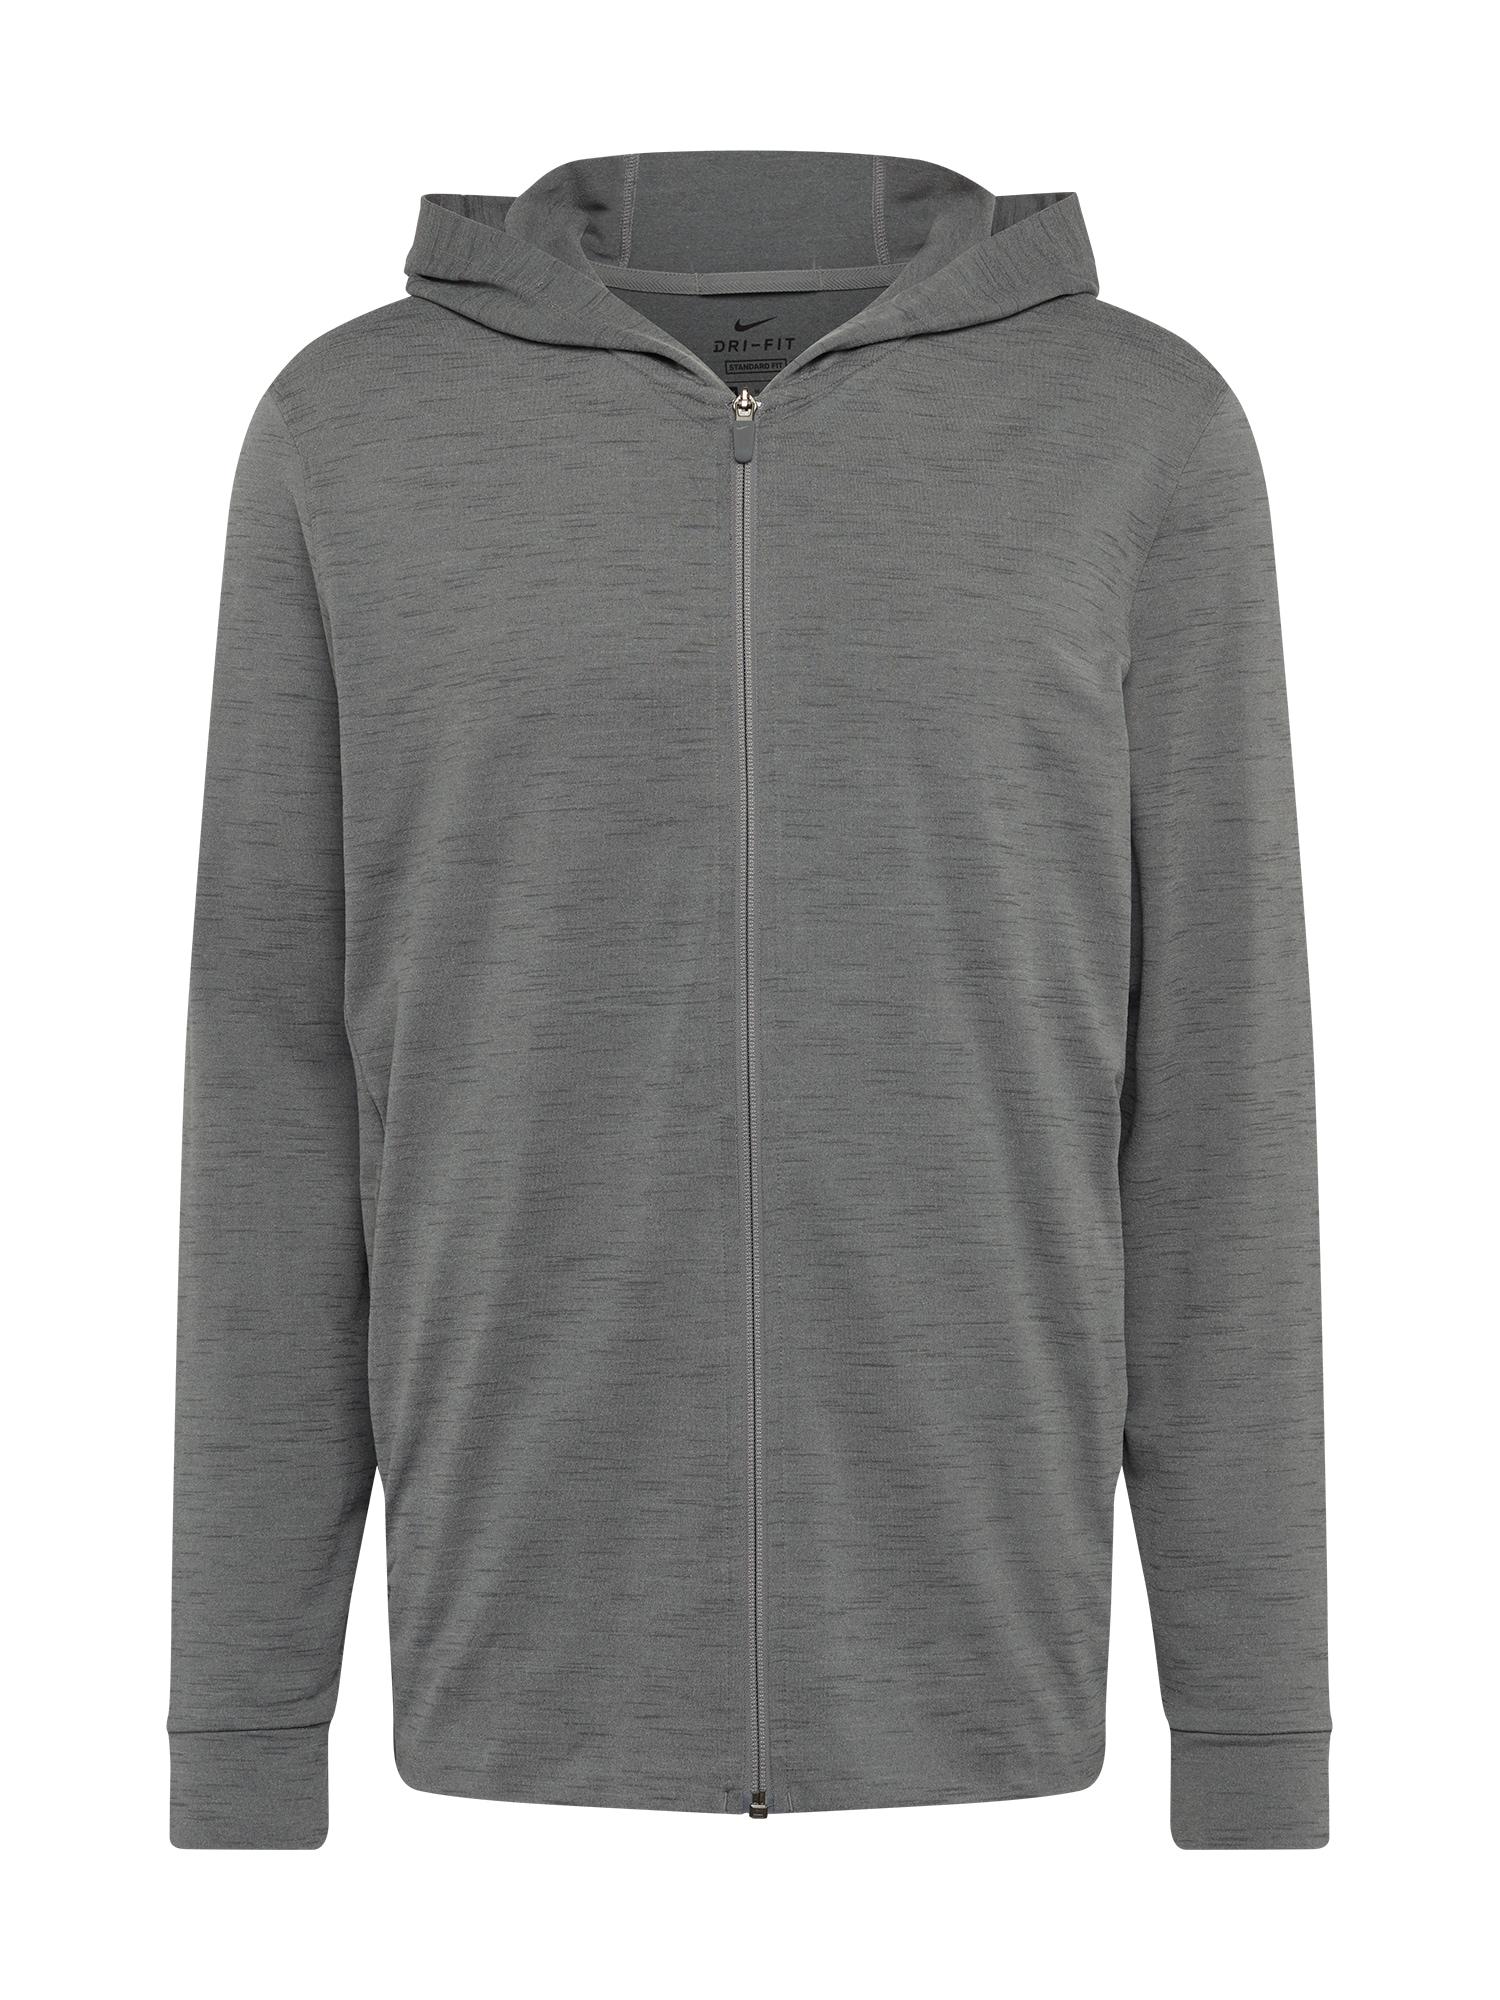 NIKE Džemperis treniruotėms tamsiai pilka